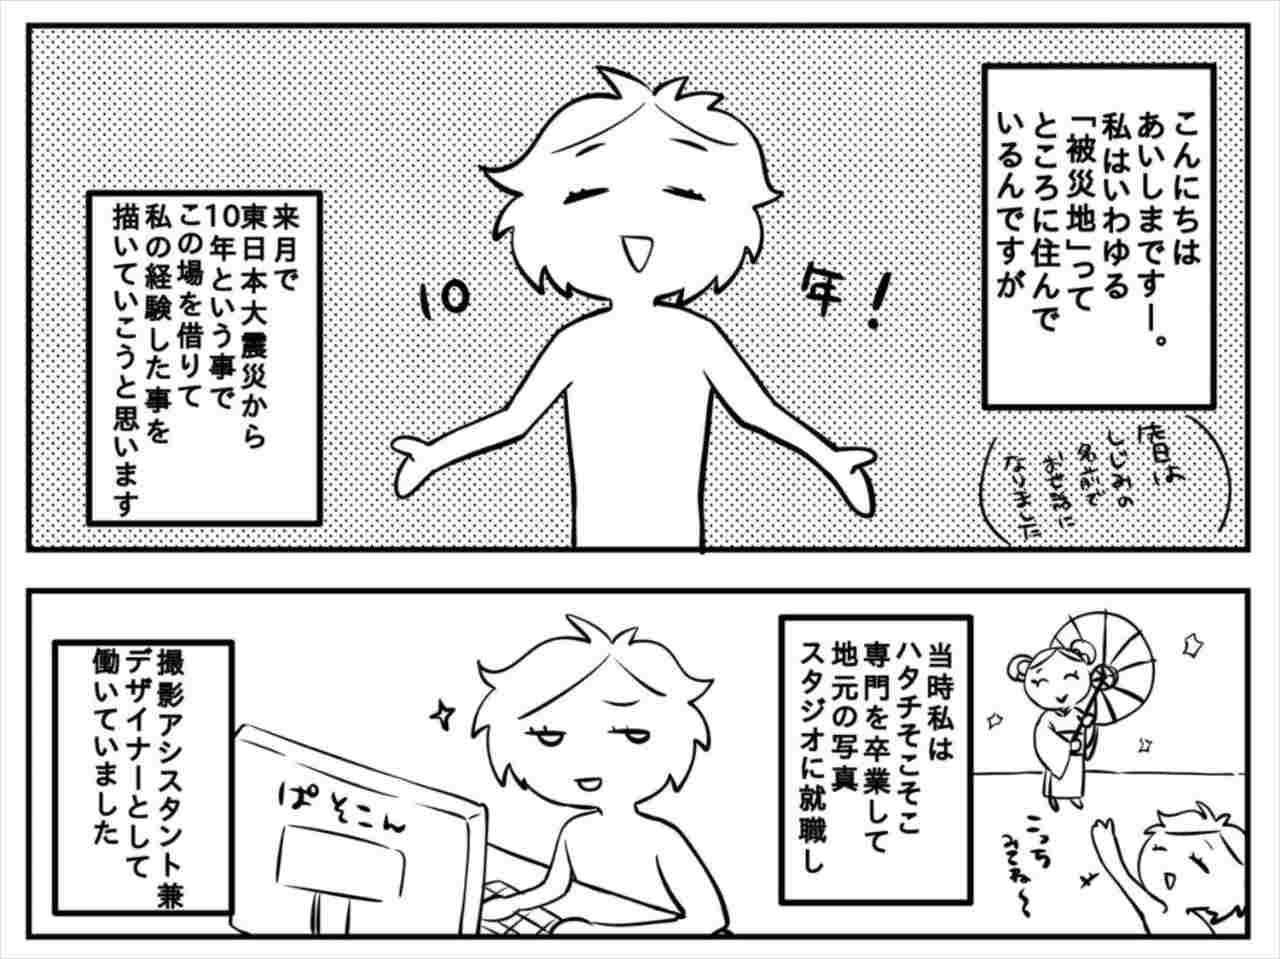 東日本大震災から来月で10年・・・ずっと心にしまい続けていた経験談に多くの反響